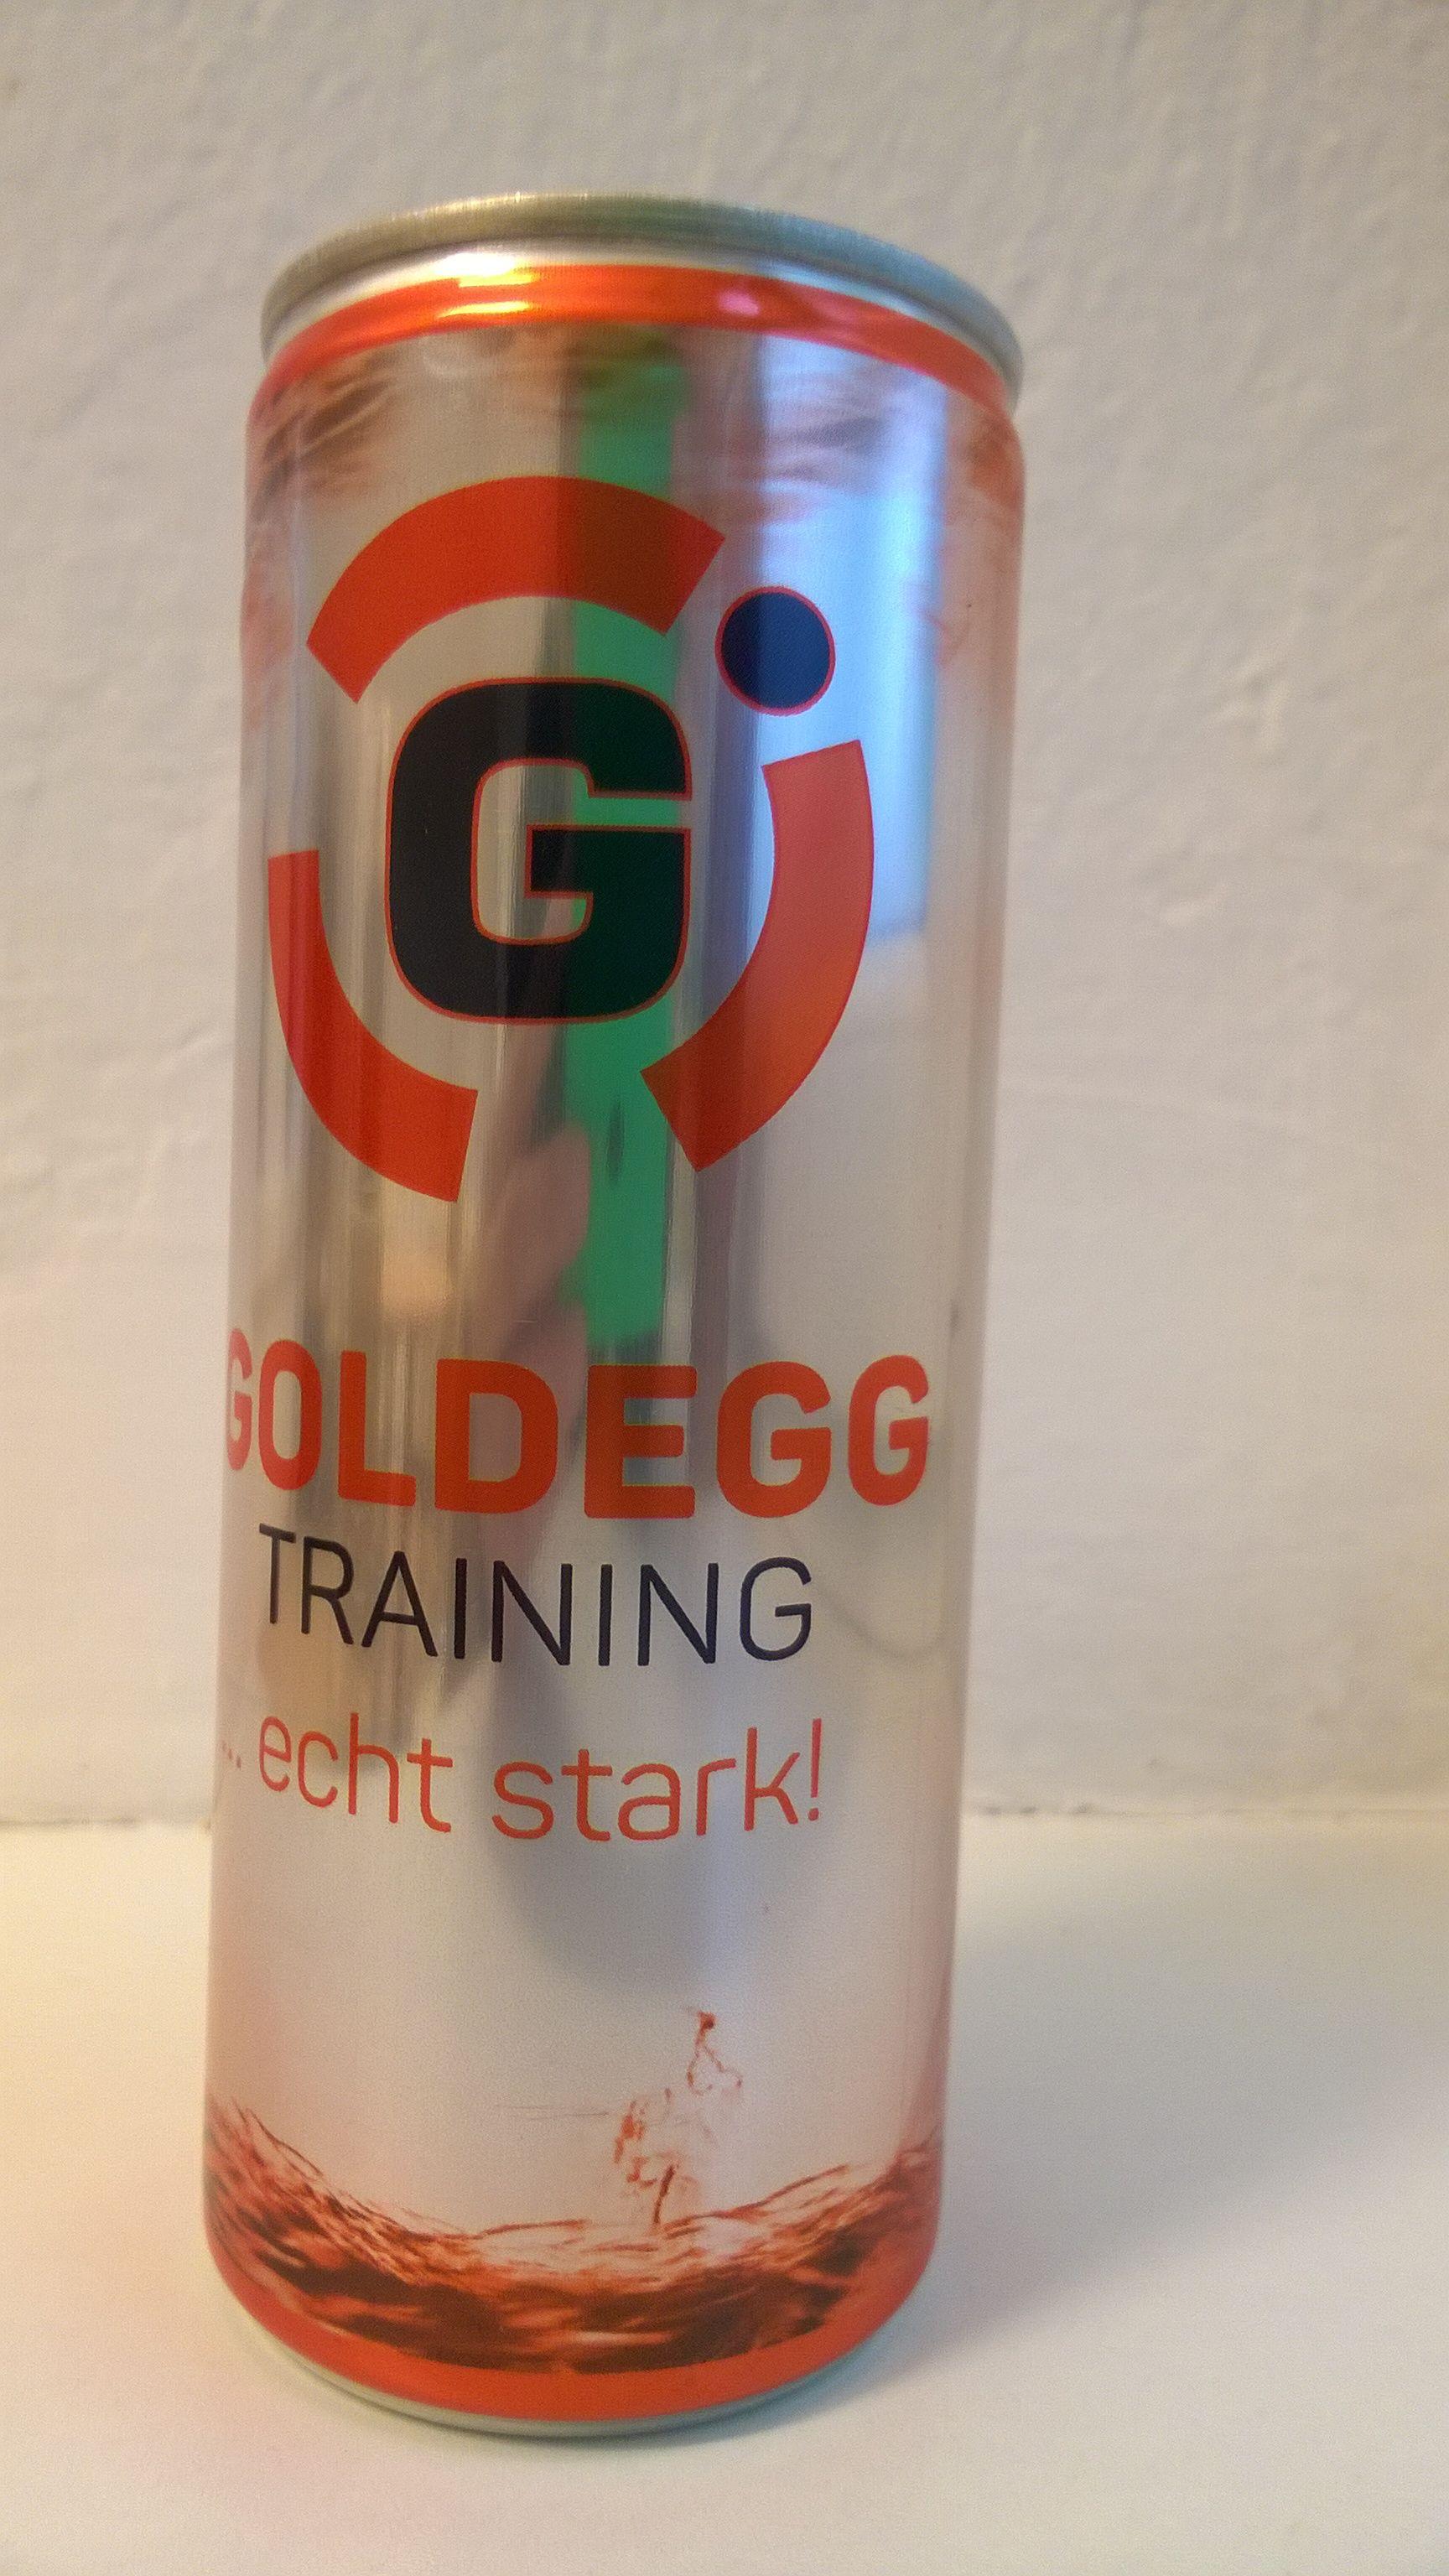 Goldegg Training - für Autoren, Self-Publisher, Journalisten, Grafiker, Verlagsmitarbeiter - alles rund ums Buch! http://www.goldegg-training.com/